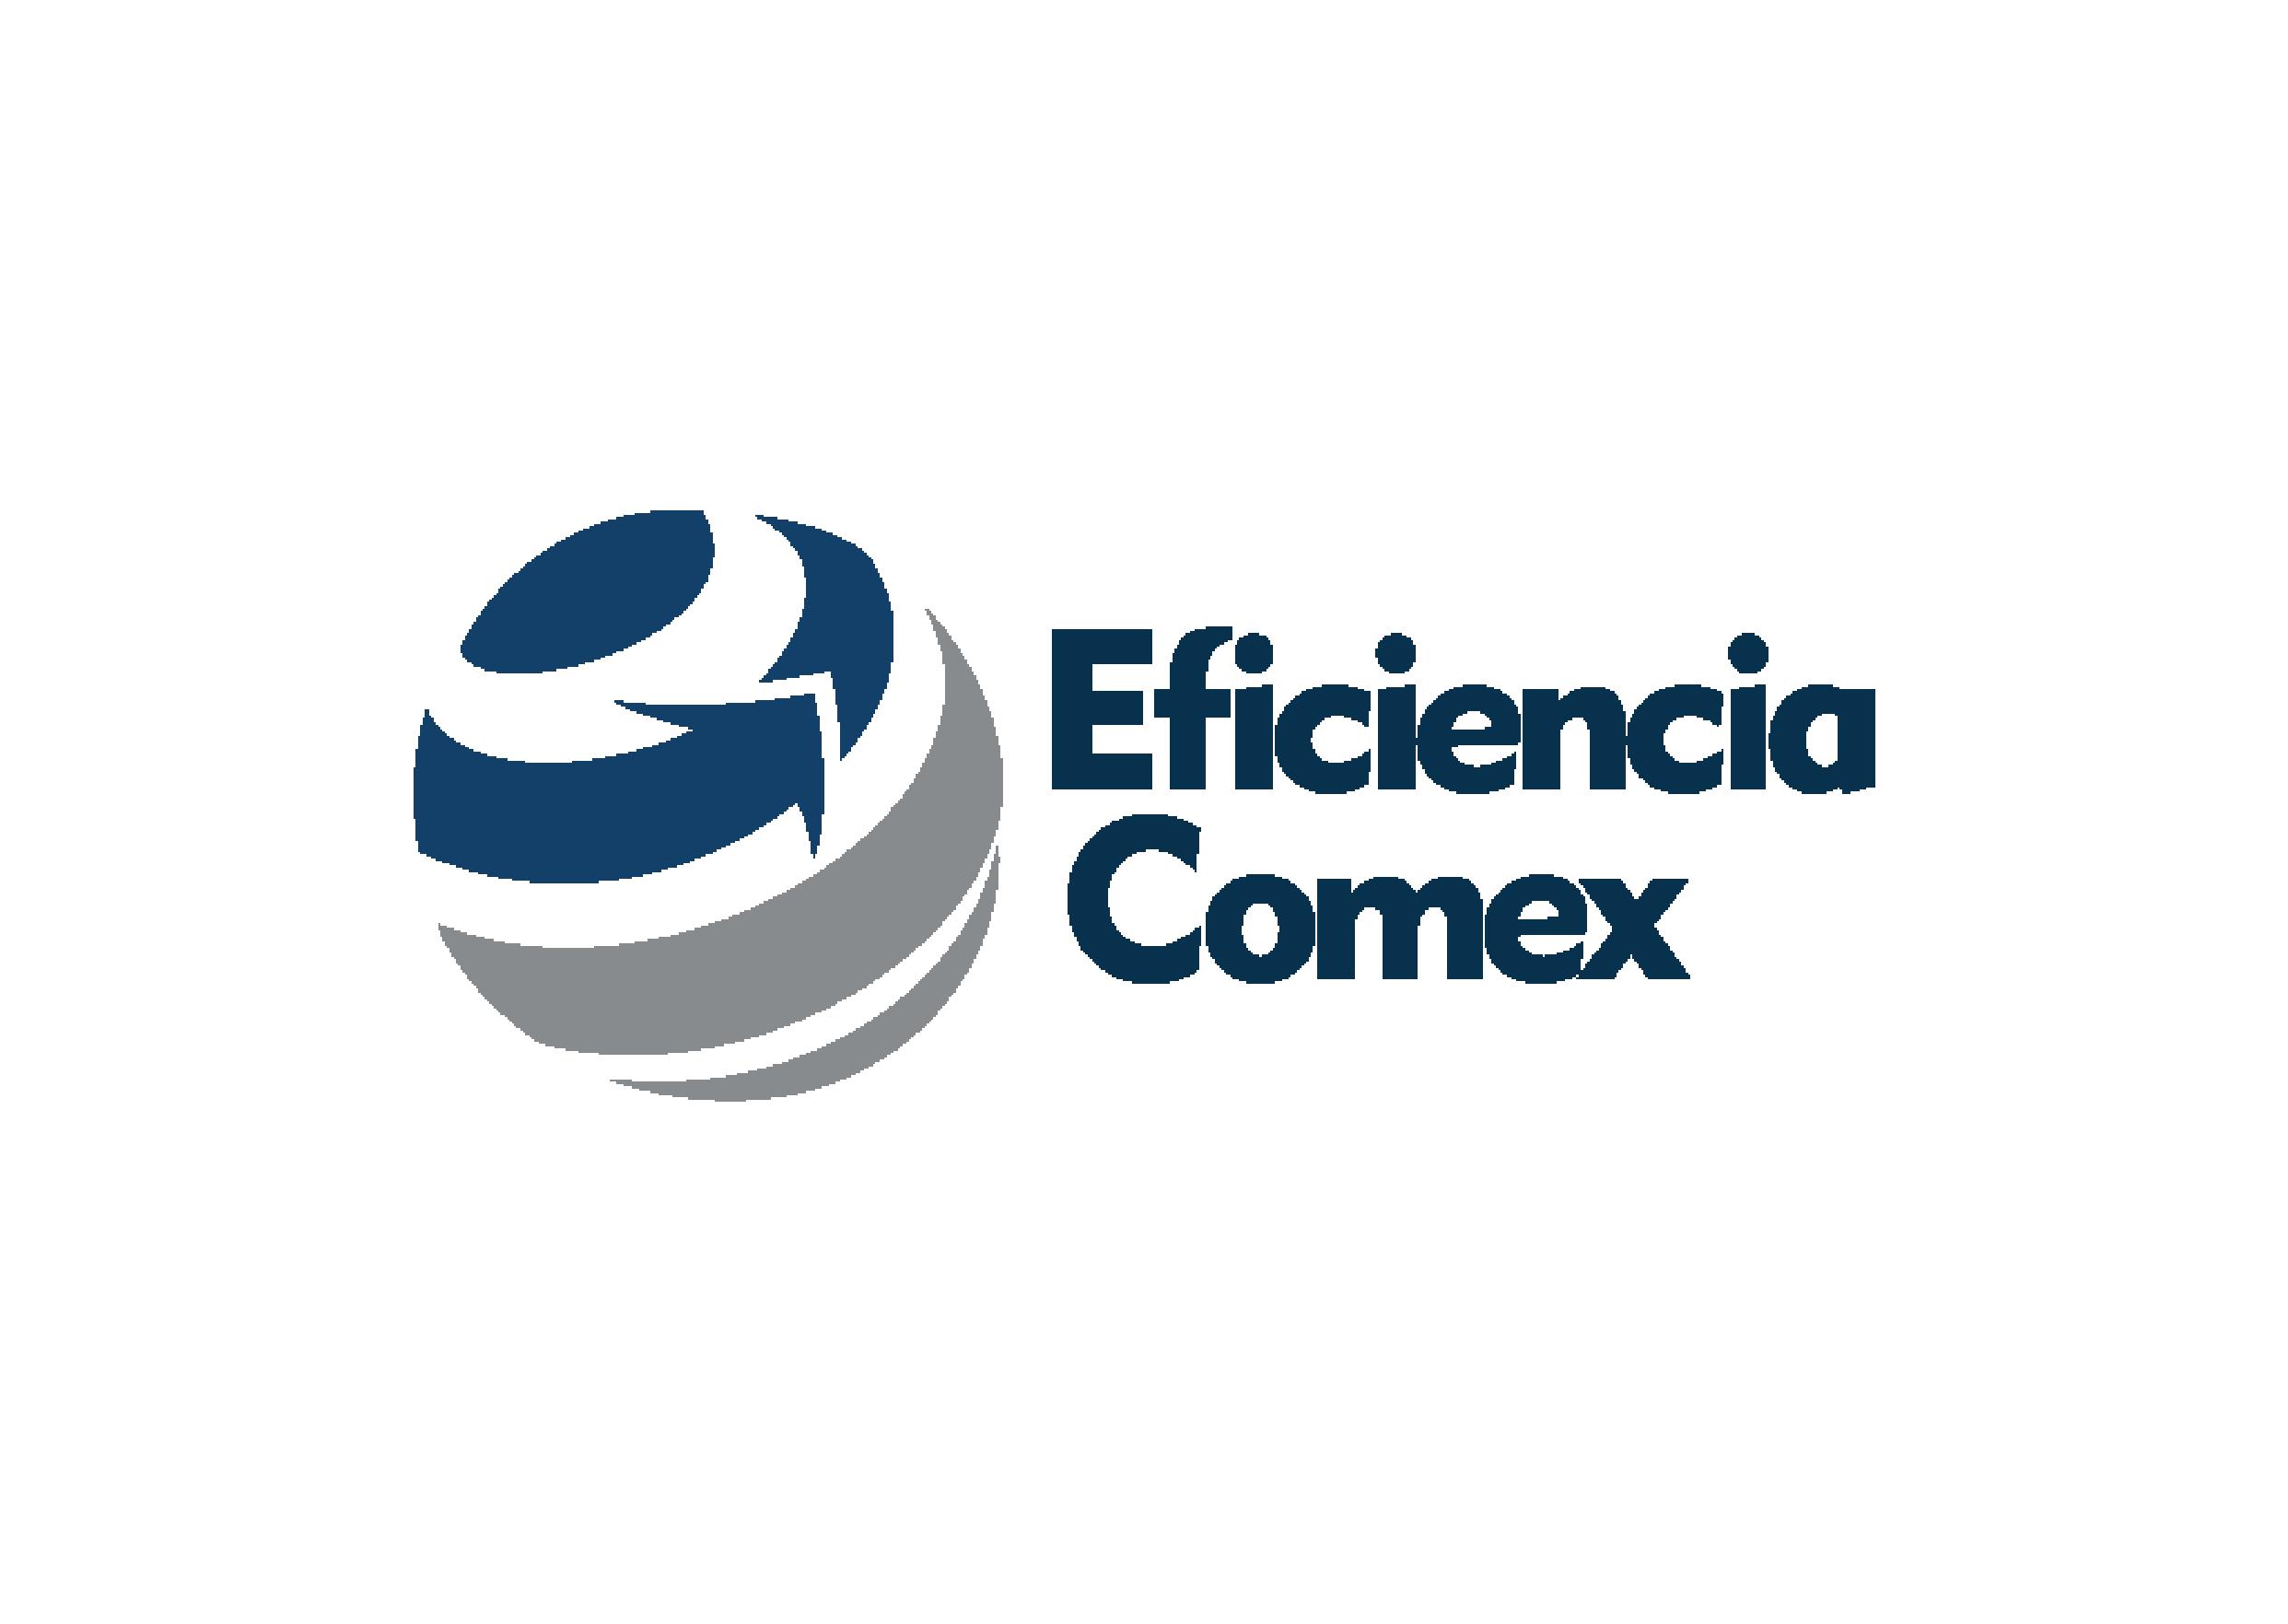 eficiencia comex_Prancheta 1